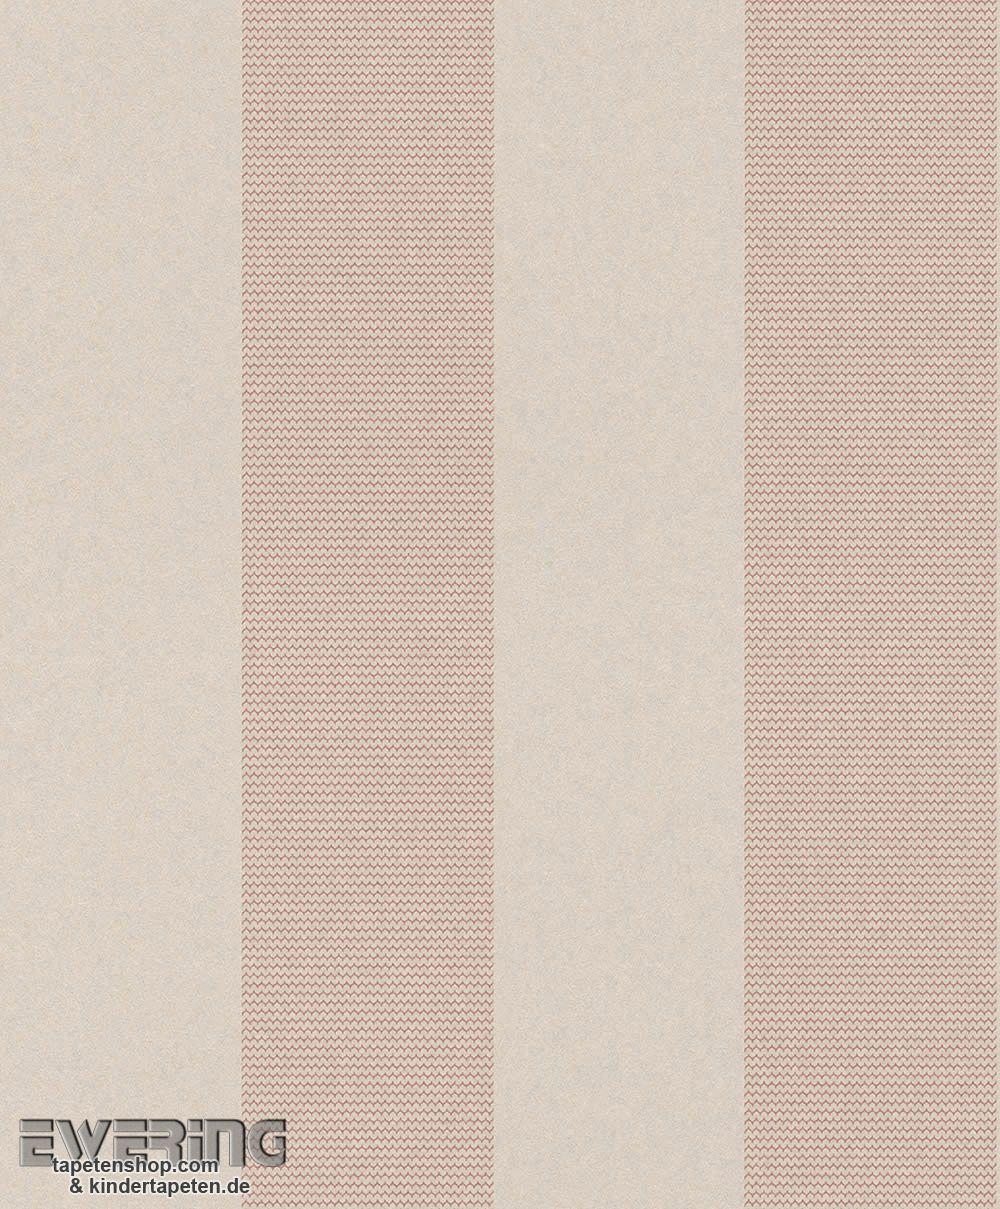 Rasch Textil Amira 23 226033 Streifen Hell Taupe Vliestapete